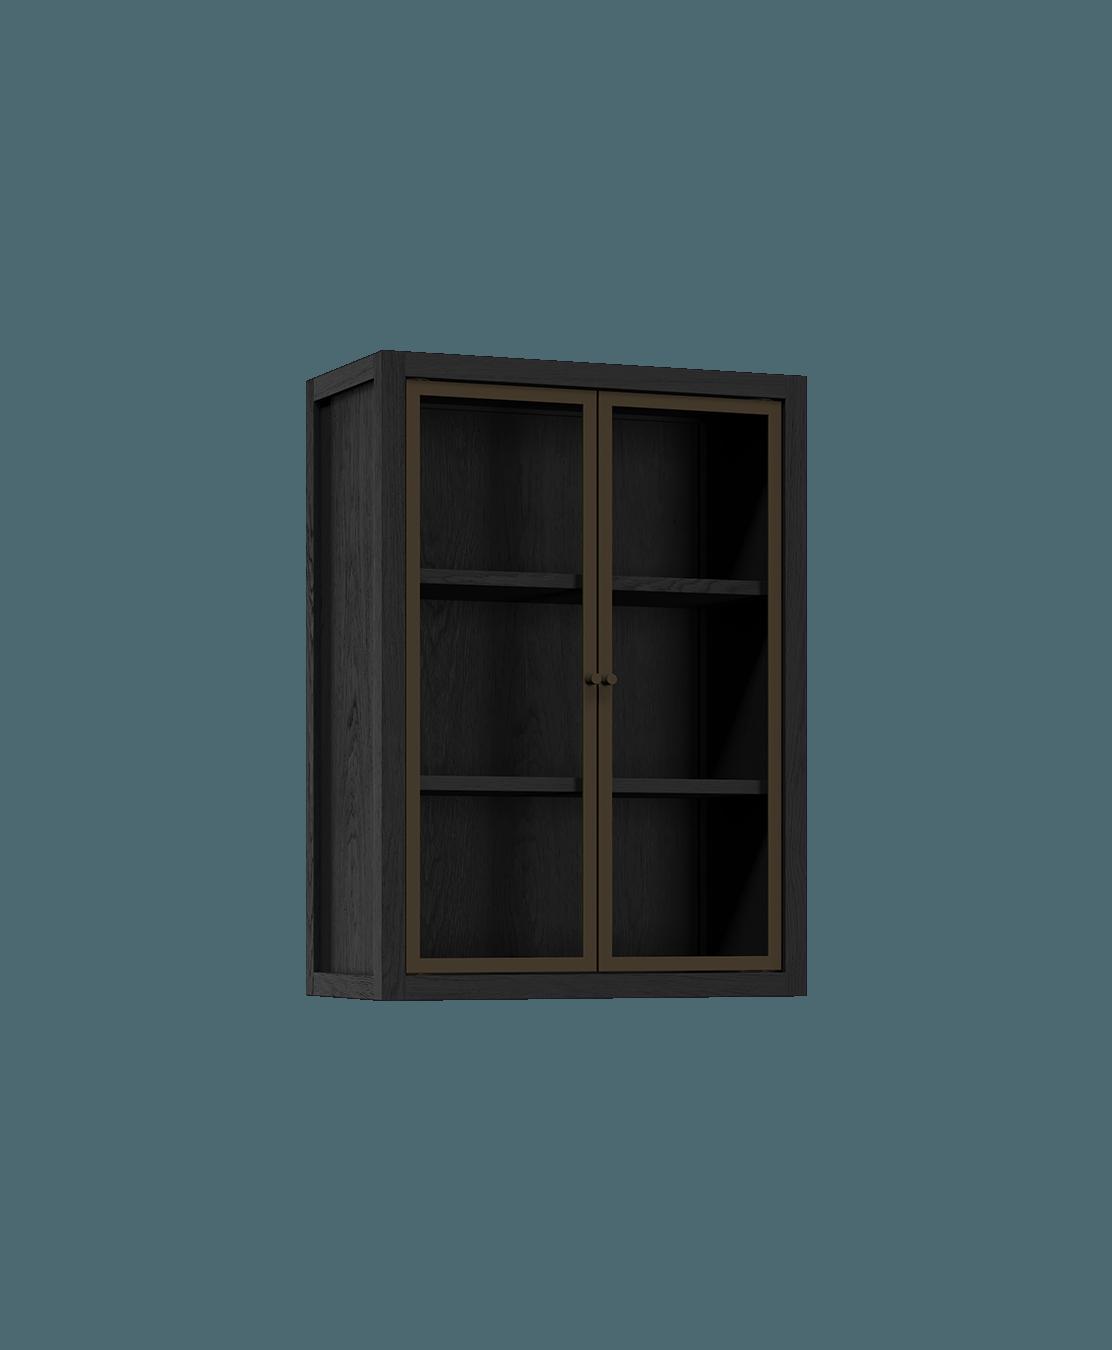 armoire de cuisine modulaire murale vitrée en bois massif coquo radix avec 2 portes en verre chêne teint noir nuit profonde 12 pouces C1-W-2412-0201-BK